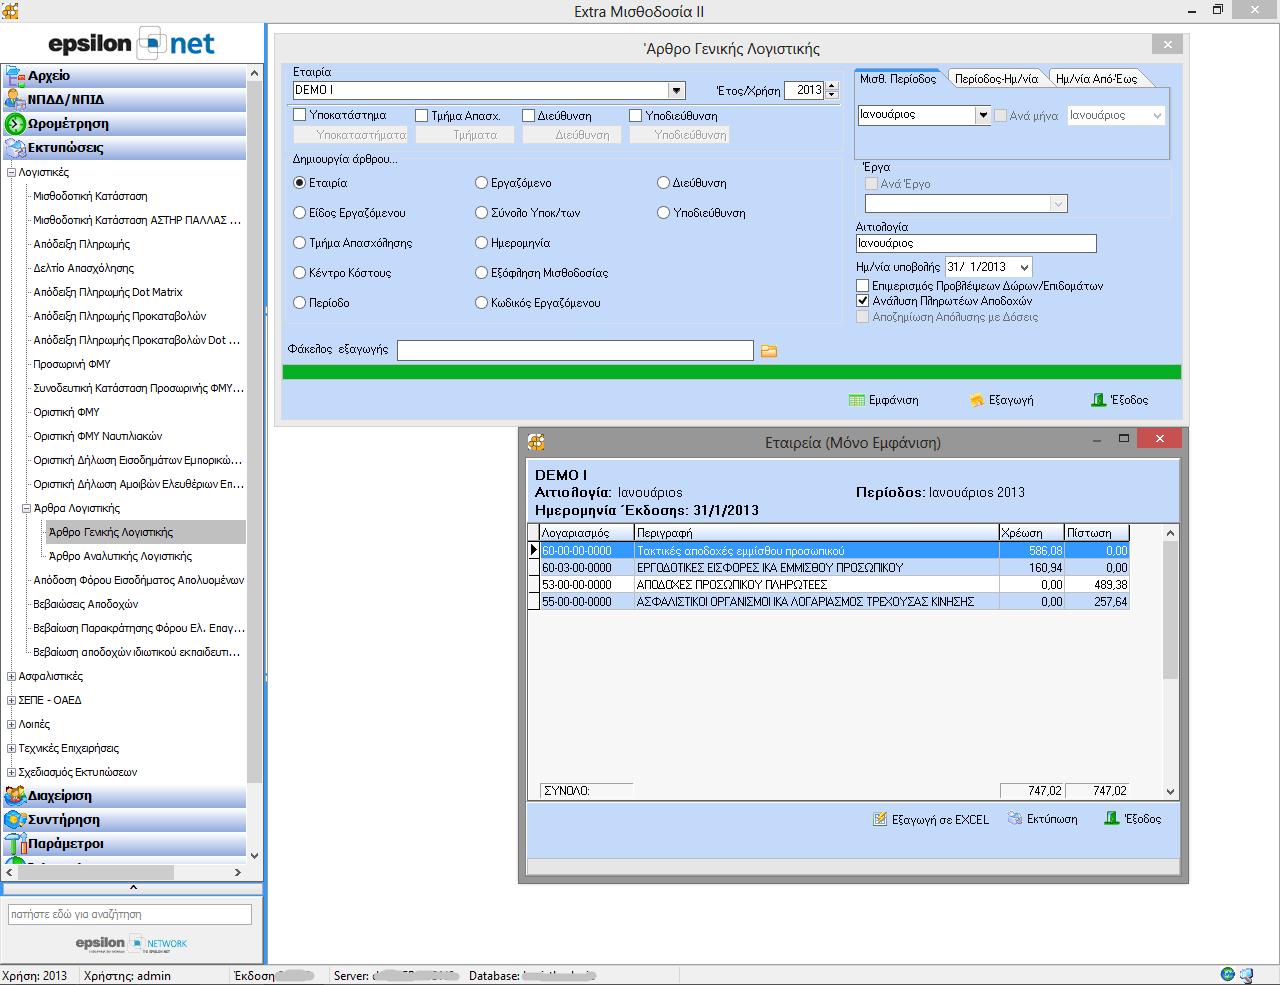 Δυνατότητα εκτύπωσης άρθρου γενικής λογιστικής στο επιθυμητό χρονικό διάστημα με πλήρη παραμετροποίηση του